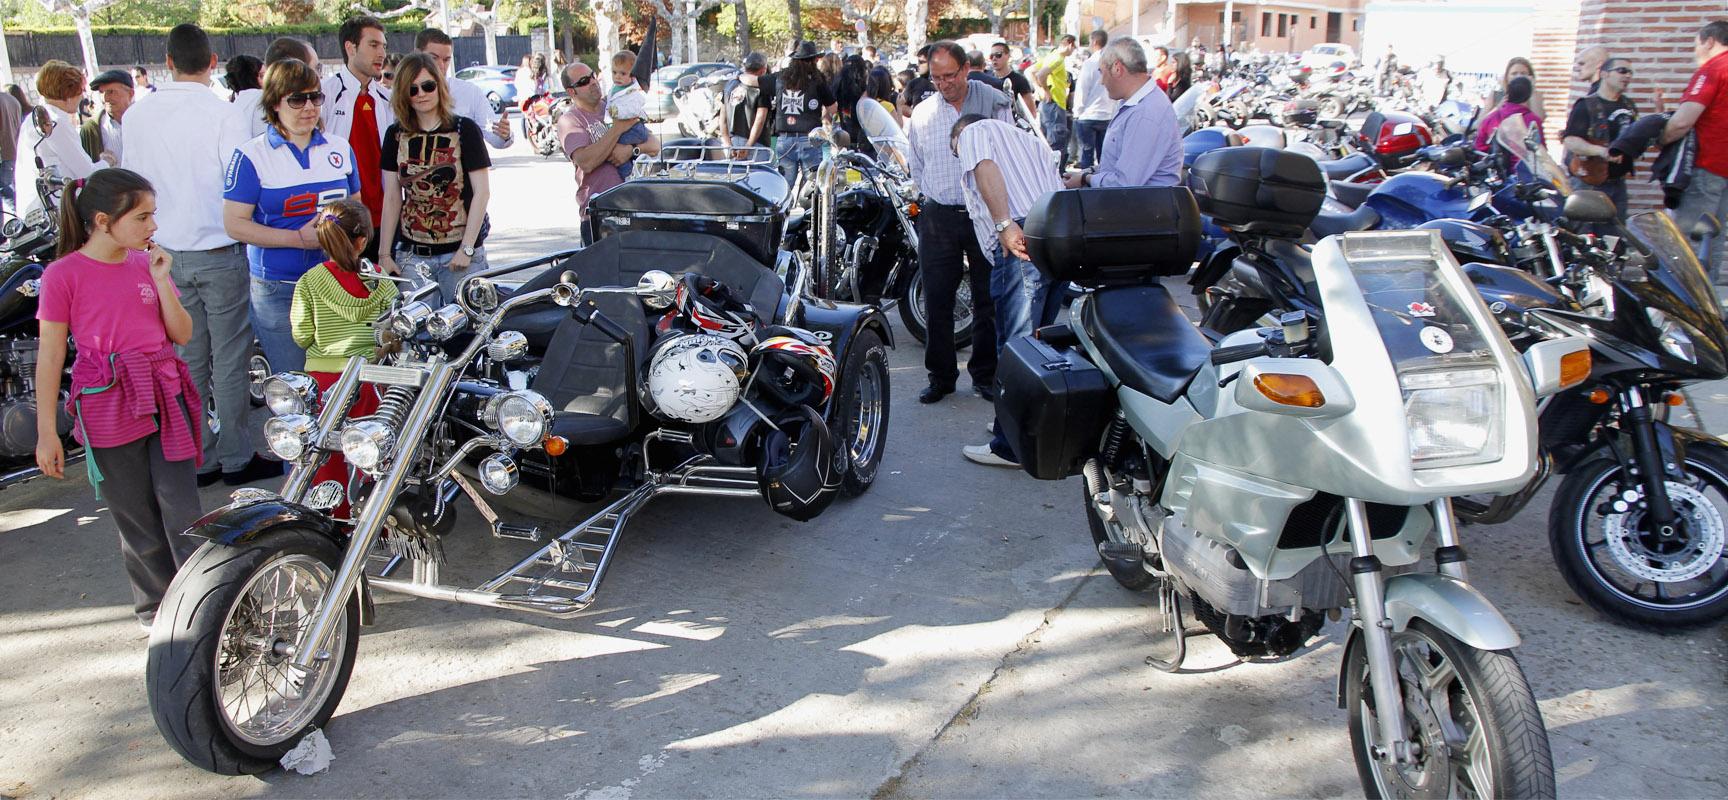 Participantes en la pasada edición de la Concentración de motos cuellarana.  Foto:Gabriel Gómez  